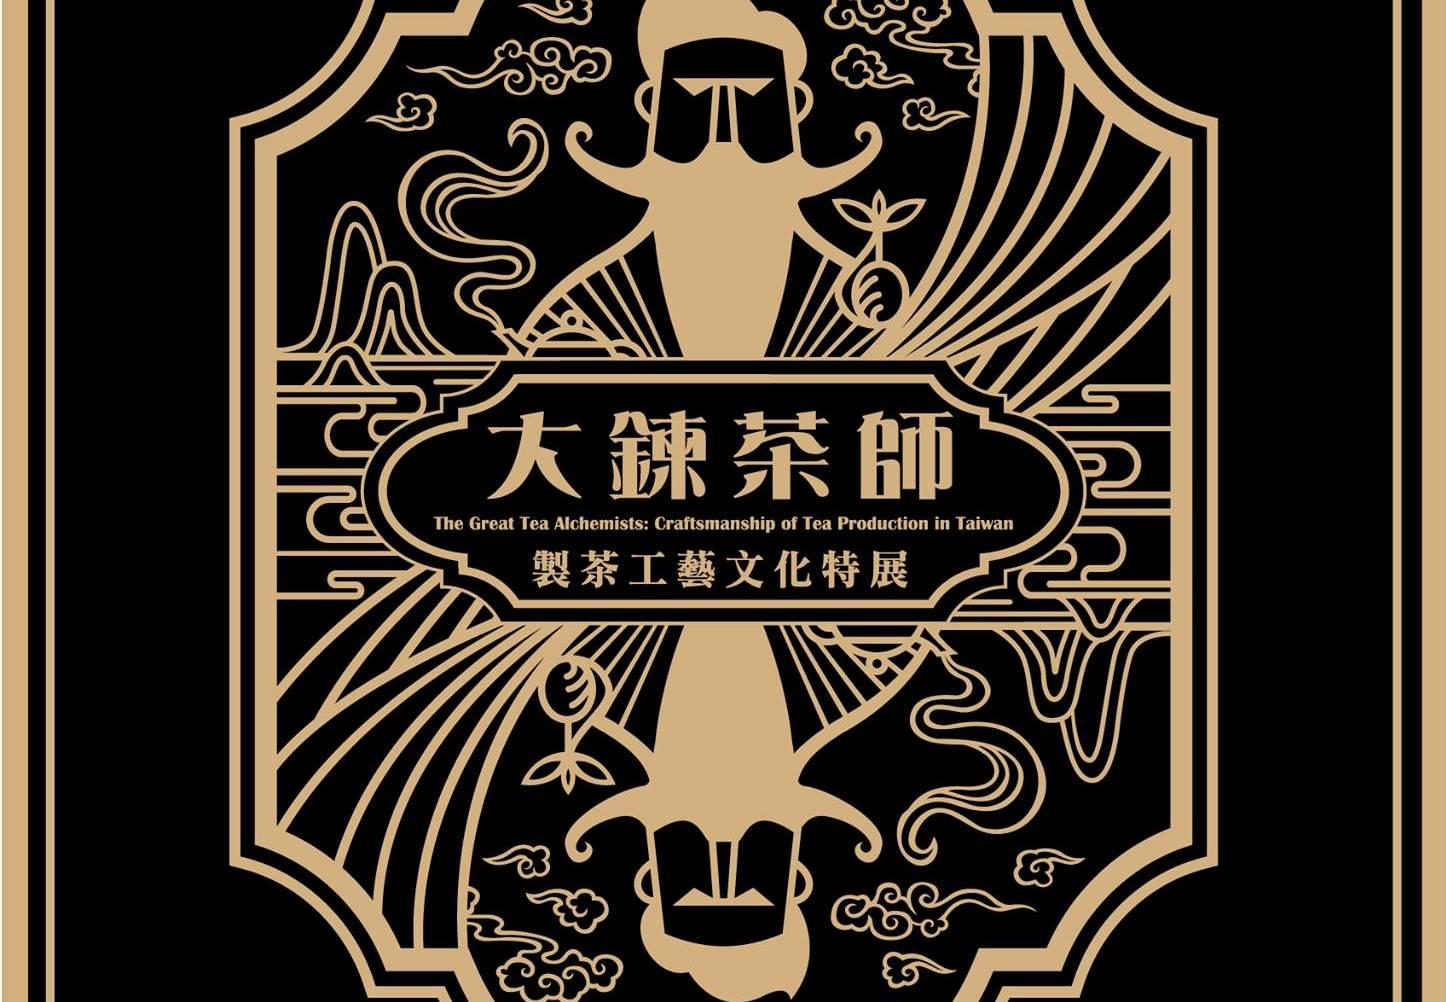 藝文新鮮事(6/15-6/21)